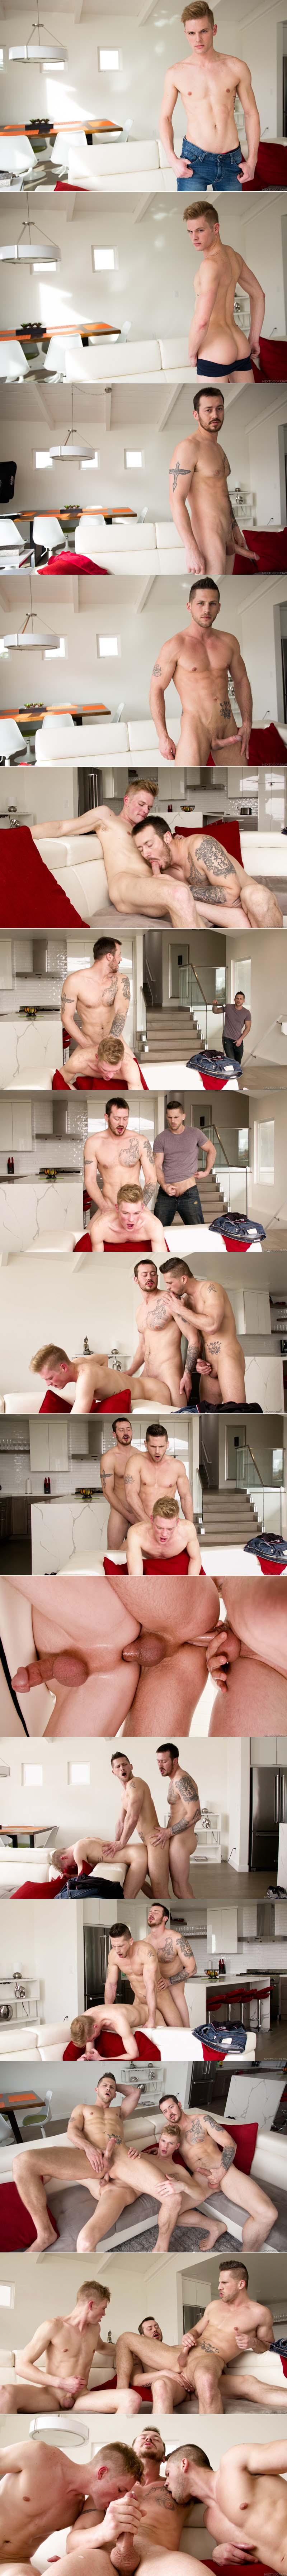 Brothers Share (Mark Long, Roman Todd and Ty Thomas) at NextDoorRAW!